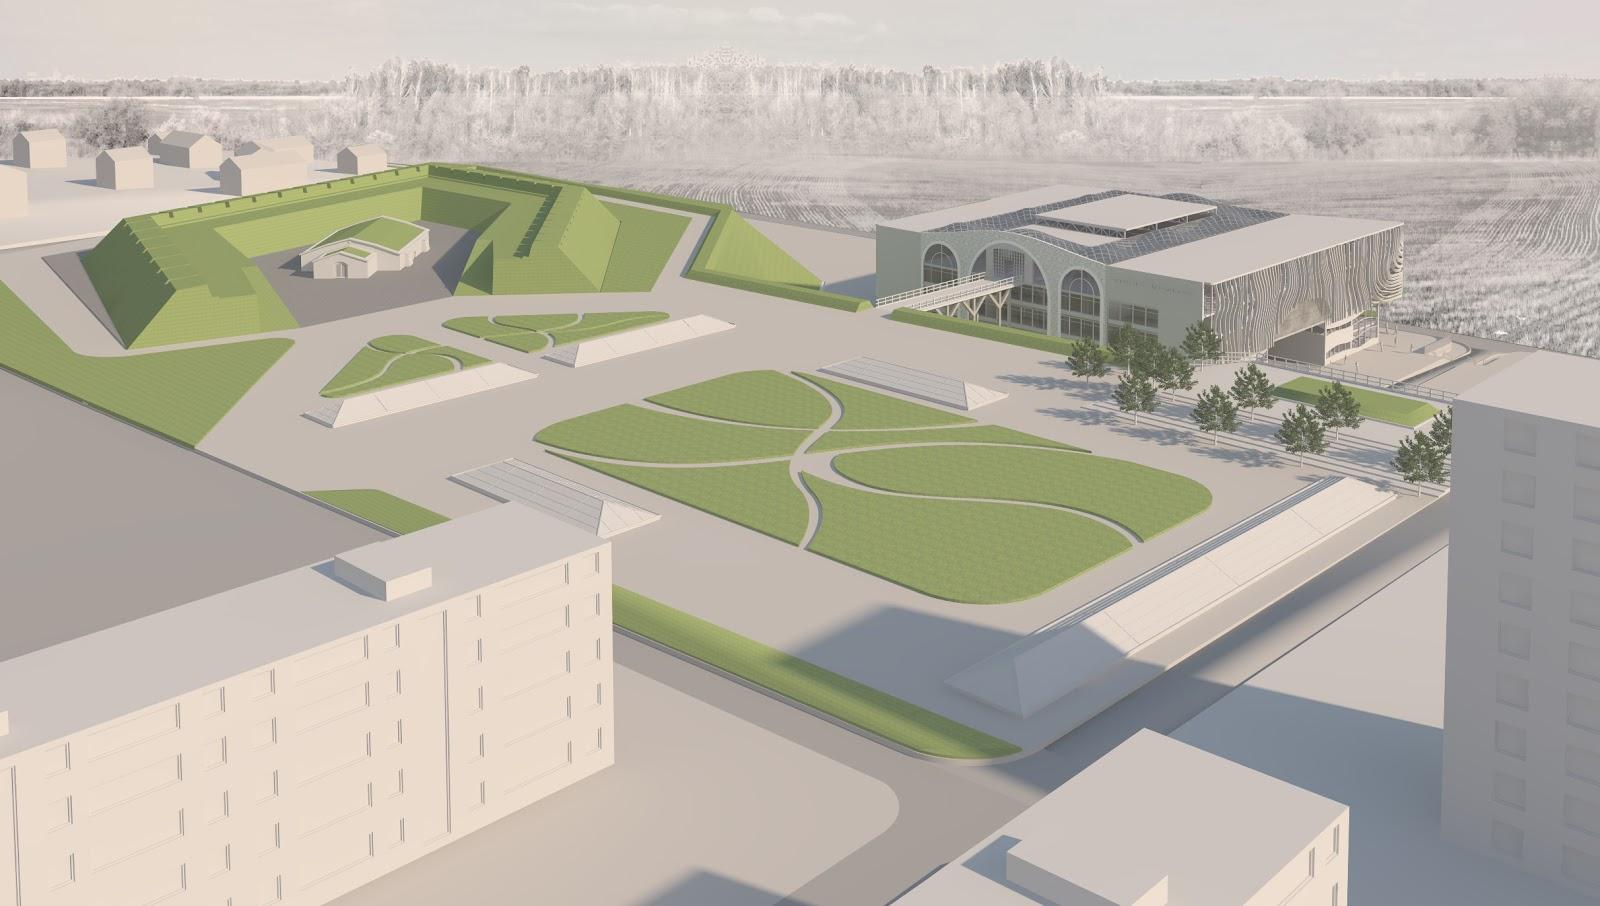 Проектирование зданий и сооружений визуализация Дипломный проект  Дипломный проект Республиканский музейный комплекс на территории Тираспольской крепости